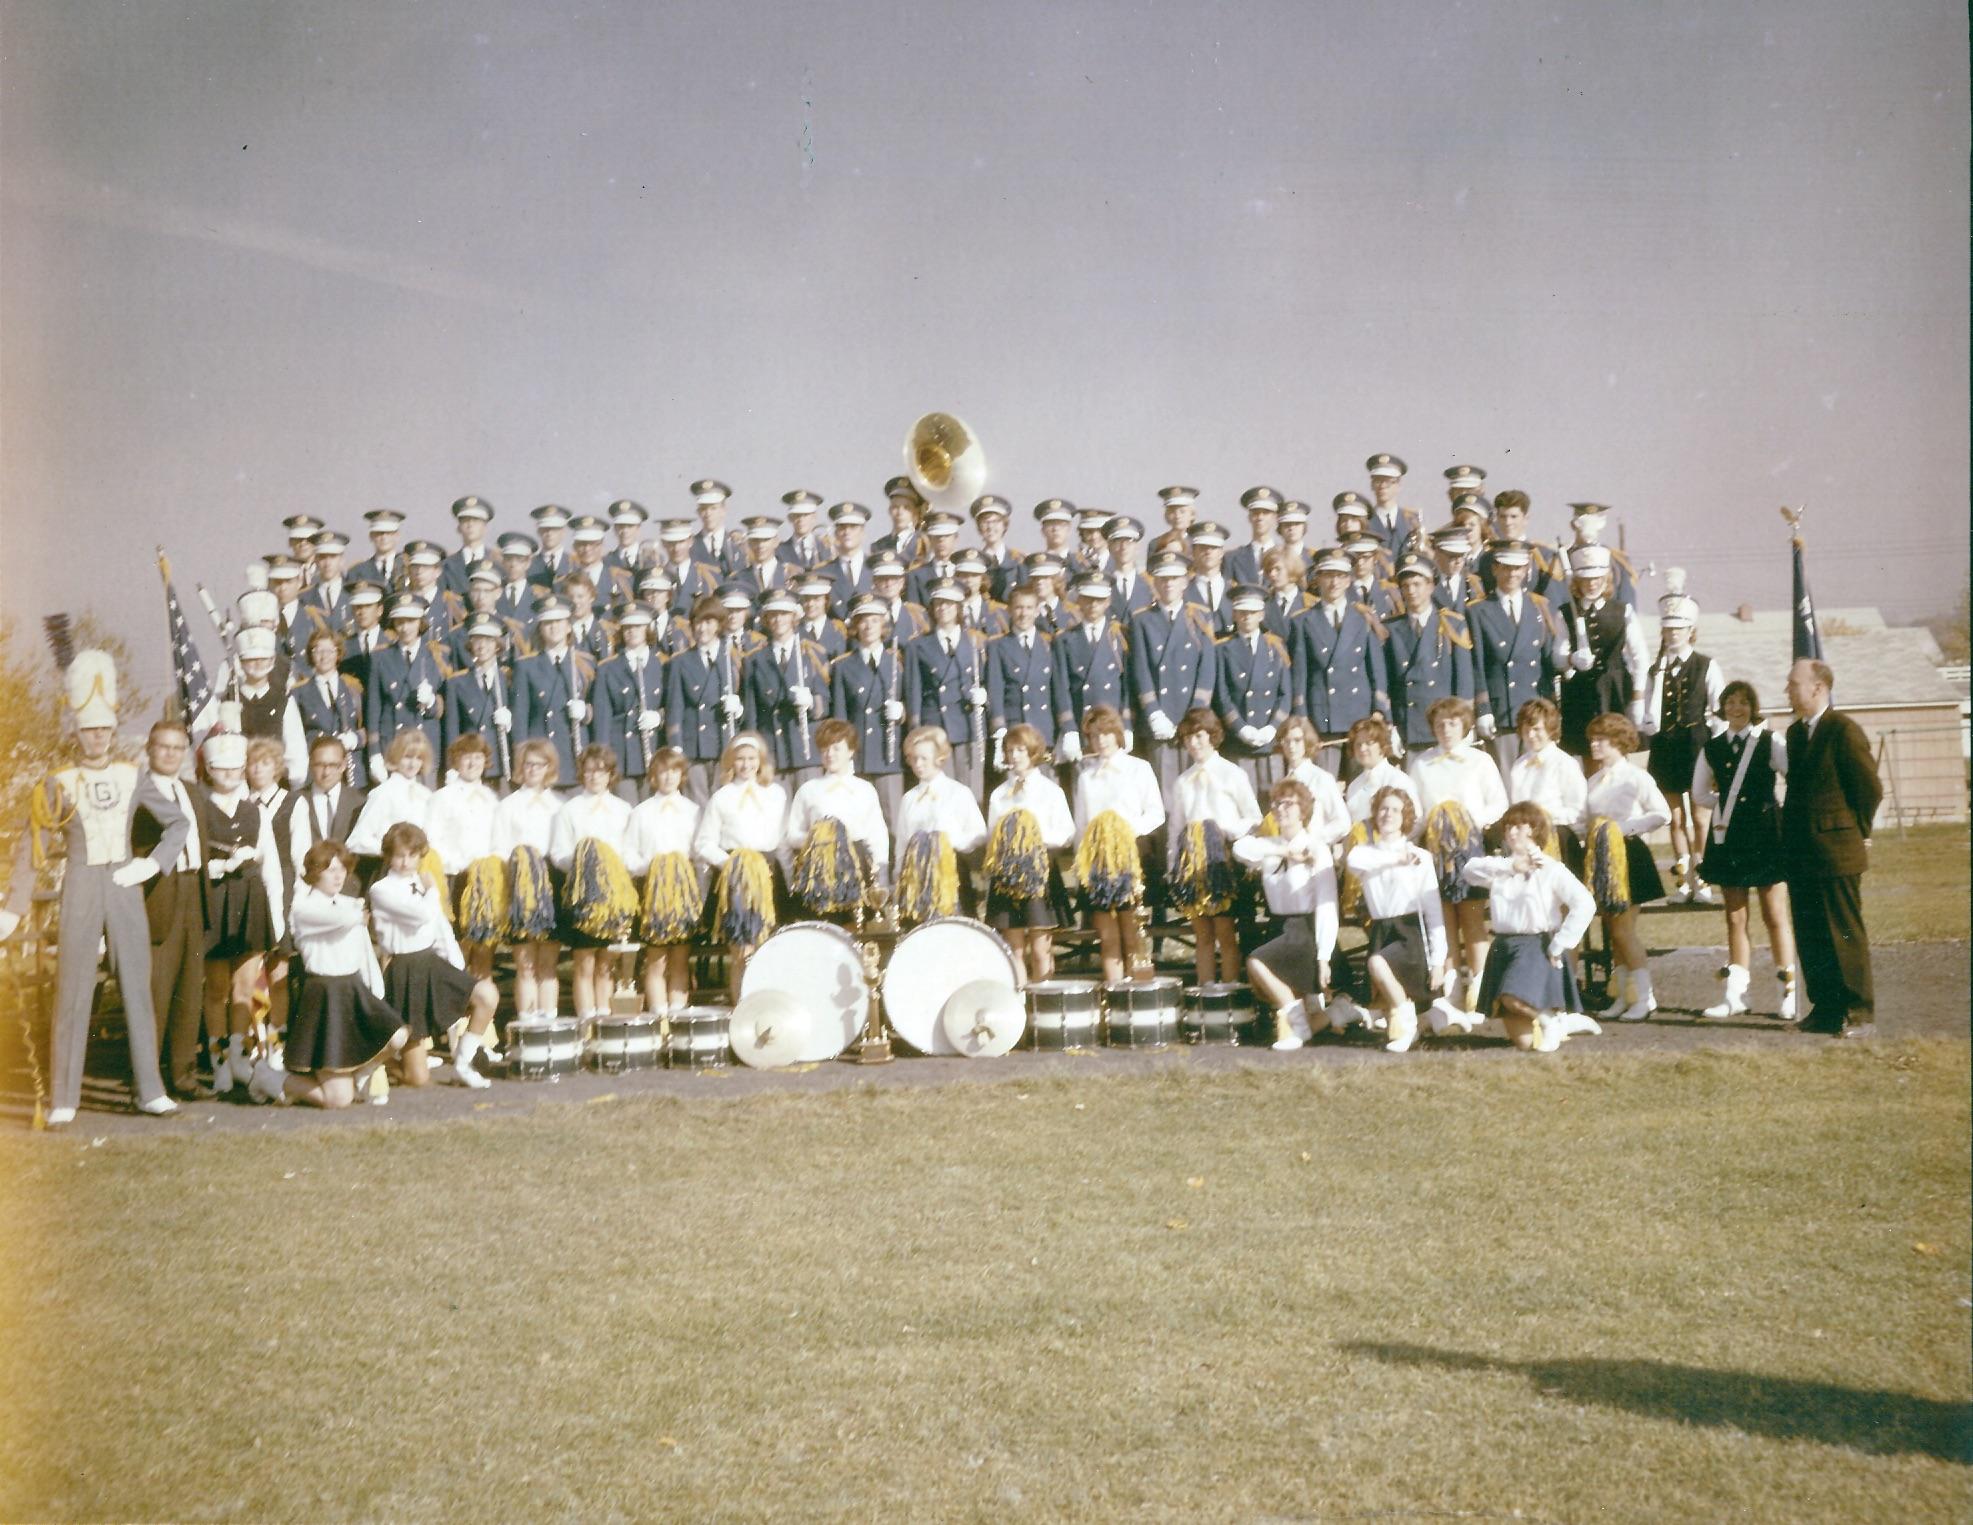 1964 band